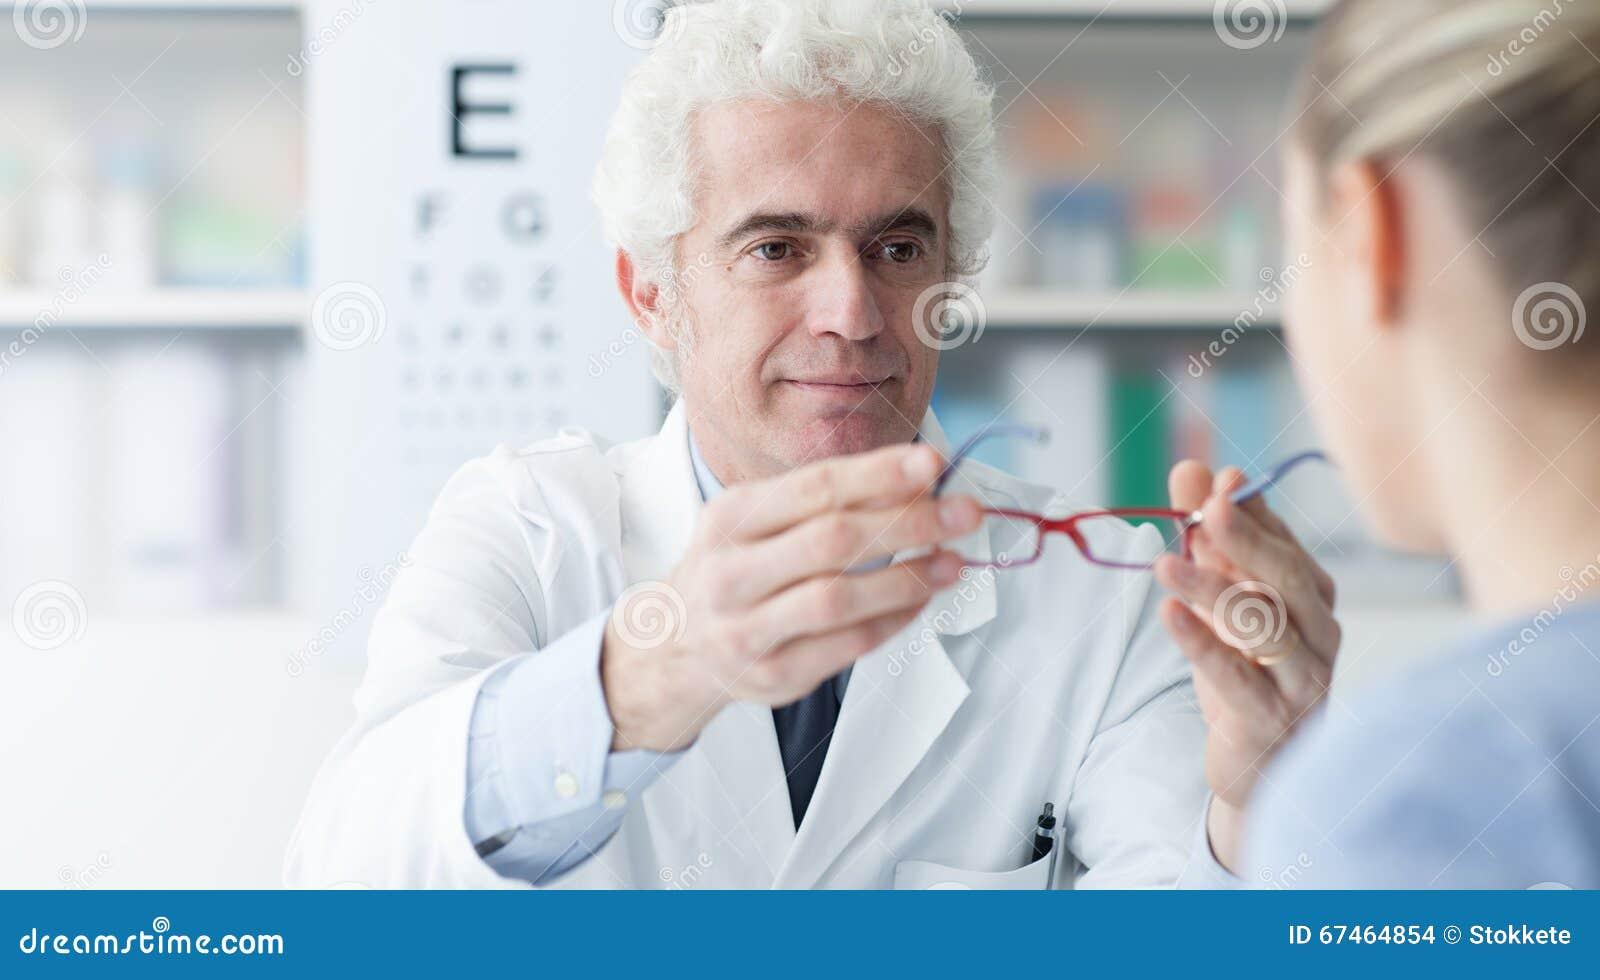 adc24bb0782492 L optométriste masculin donnant de nouveaux verres au patient après la  visite, les soins de santé et l oeil s inquiètent le concept